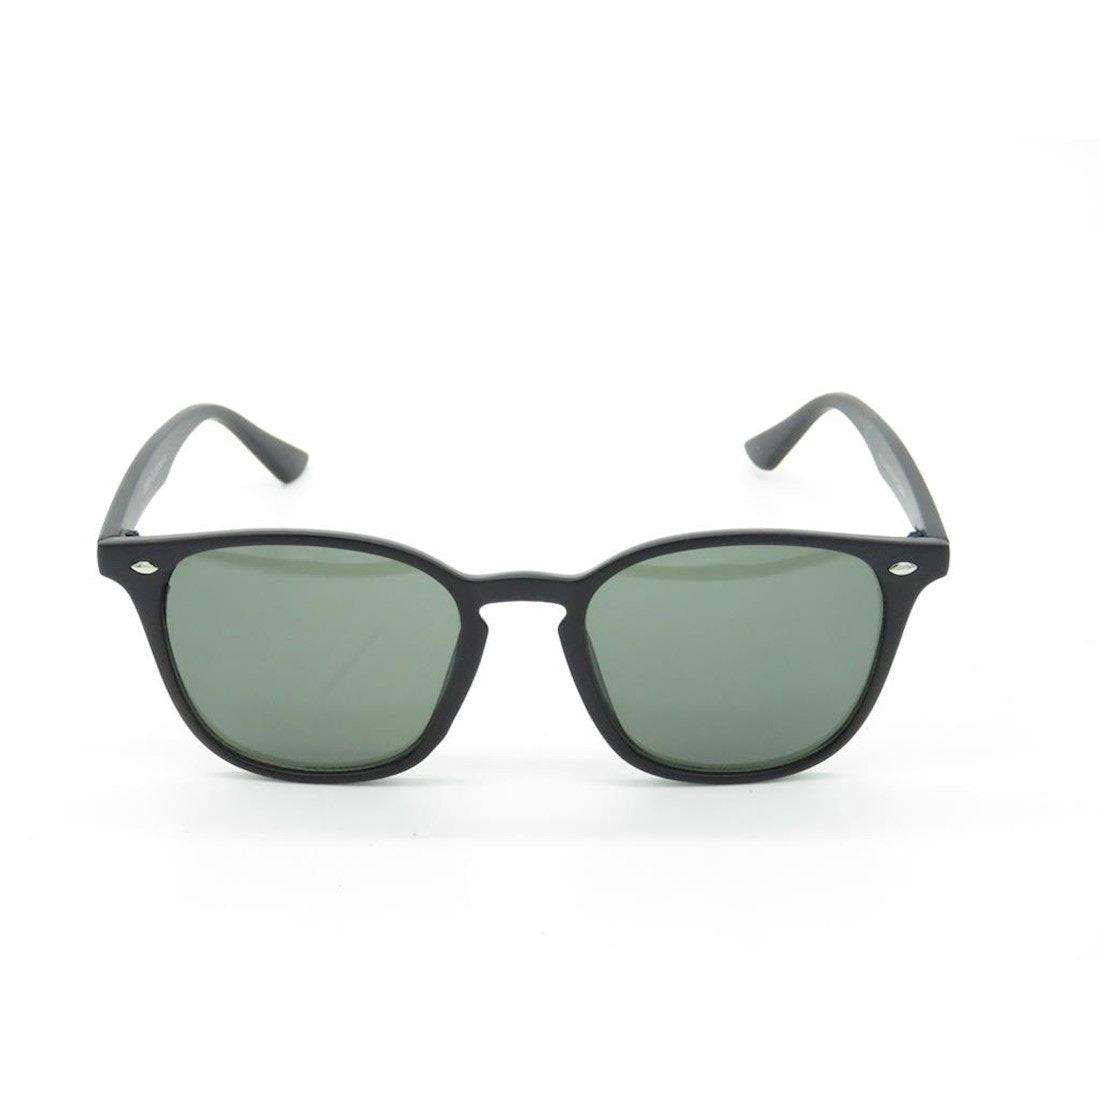 e3076ac3cc9ca Óculos De Sol Masculino Sandro Moscoloni Ferraz Preto - R  156,89 em  Mercado Livre